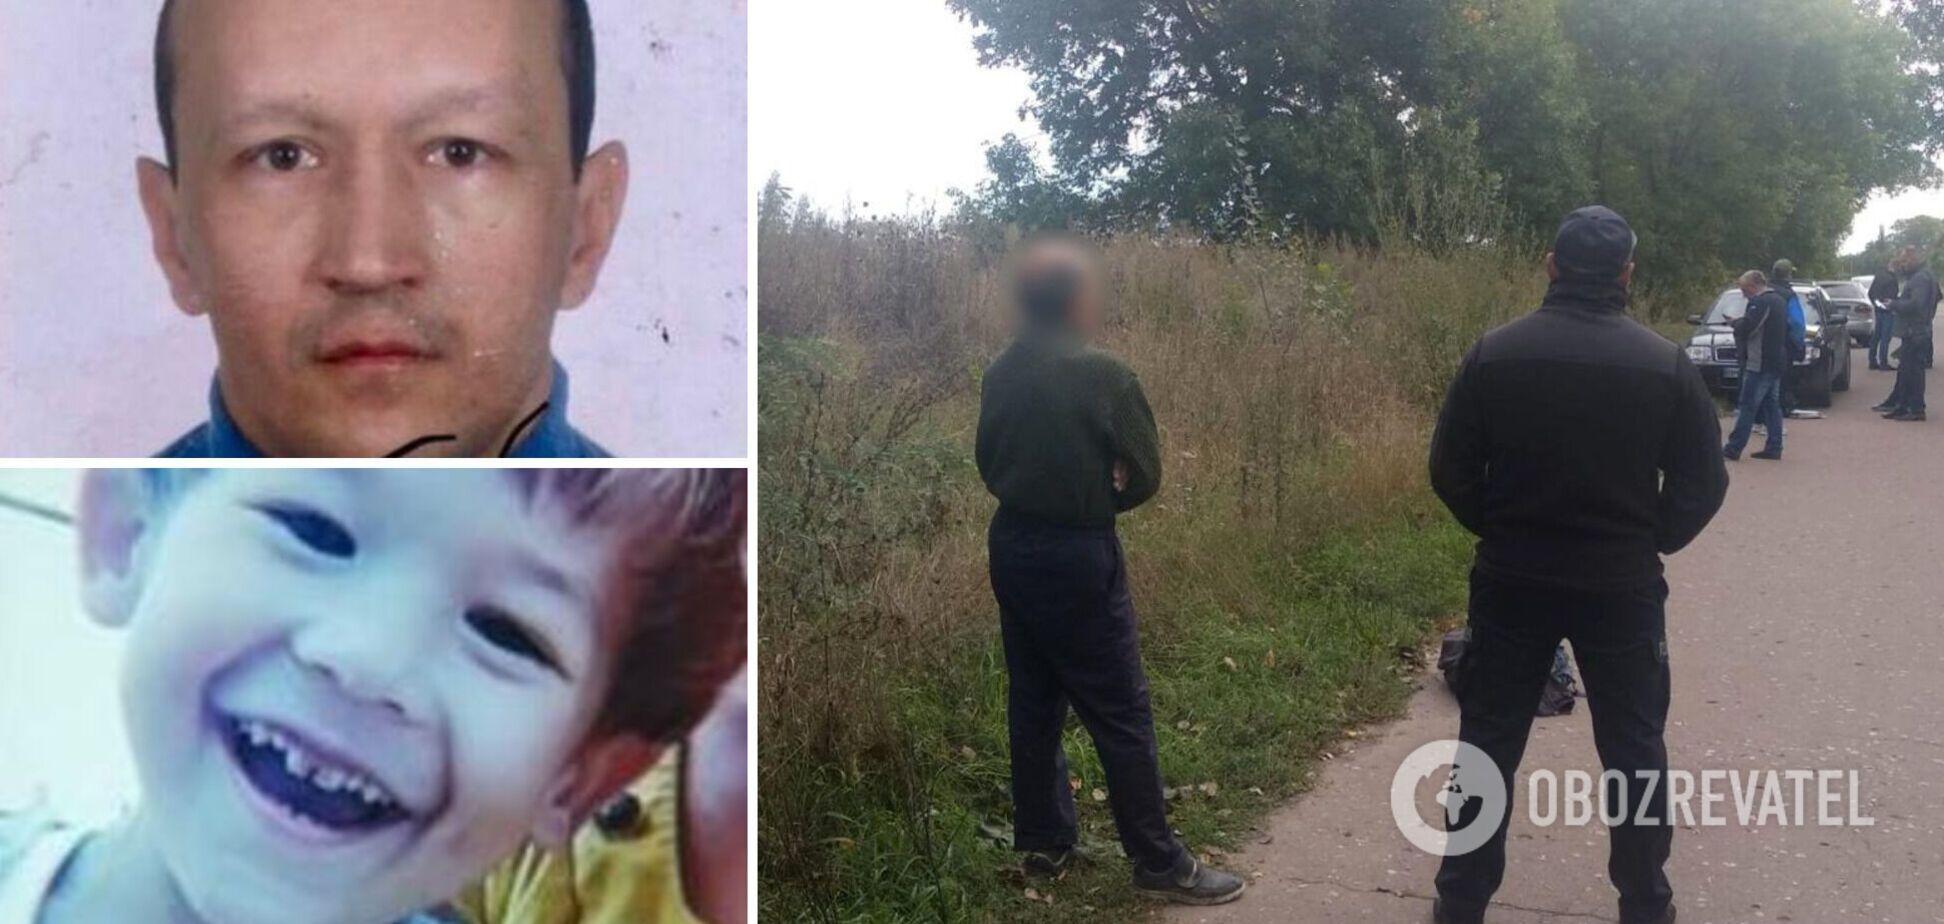 Отец заявил, что отомстил за младшего сына: выяснились новые детали убийства ребенка на Сумщине